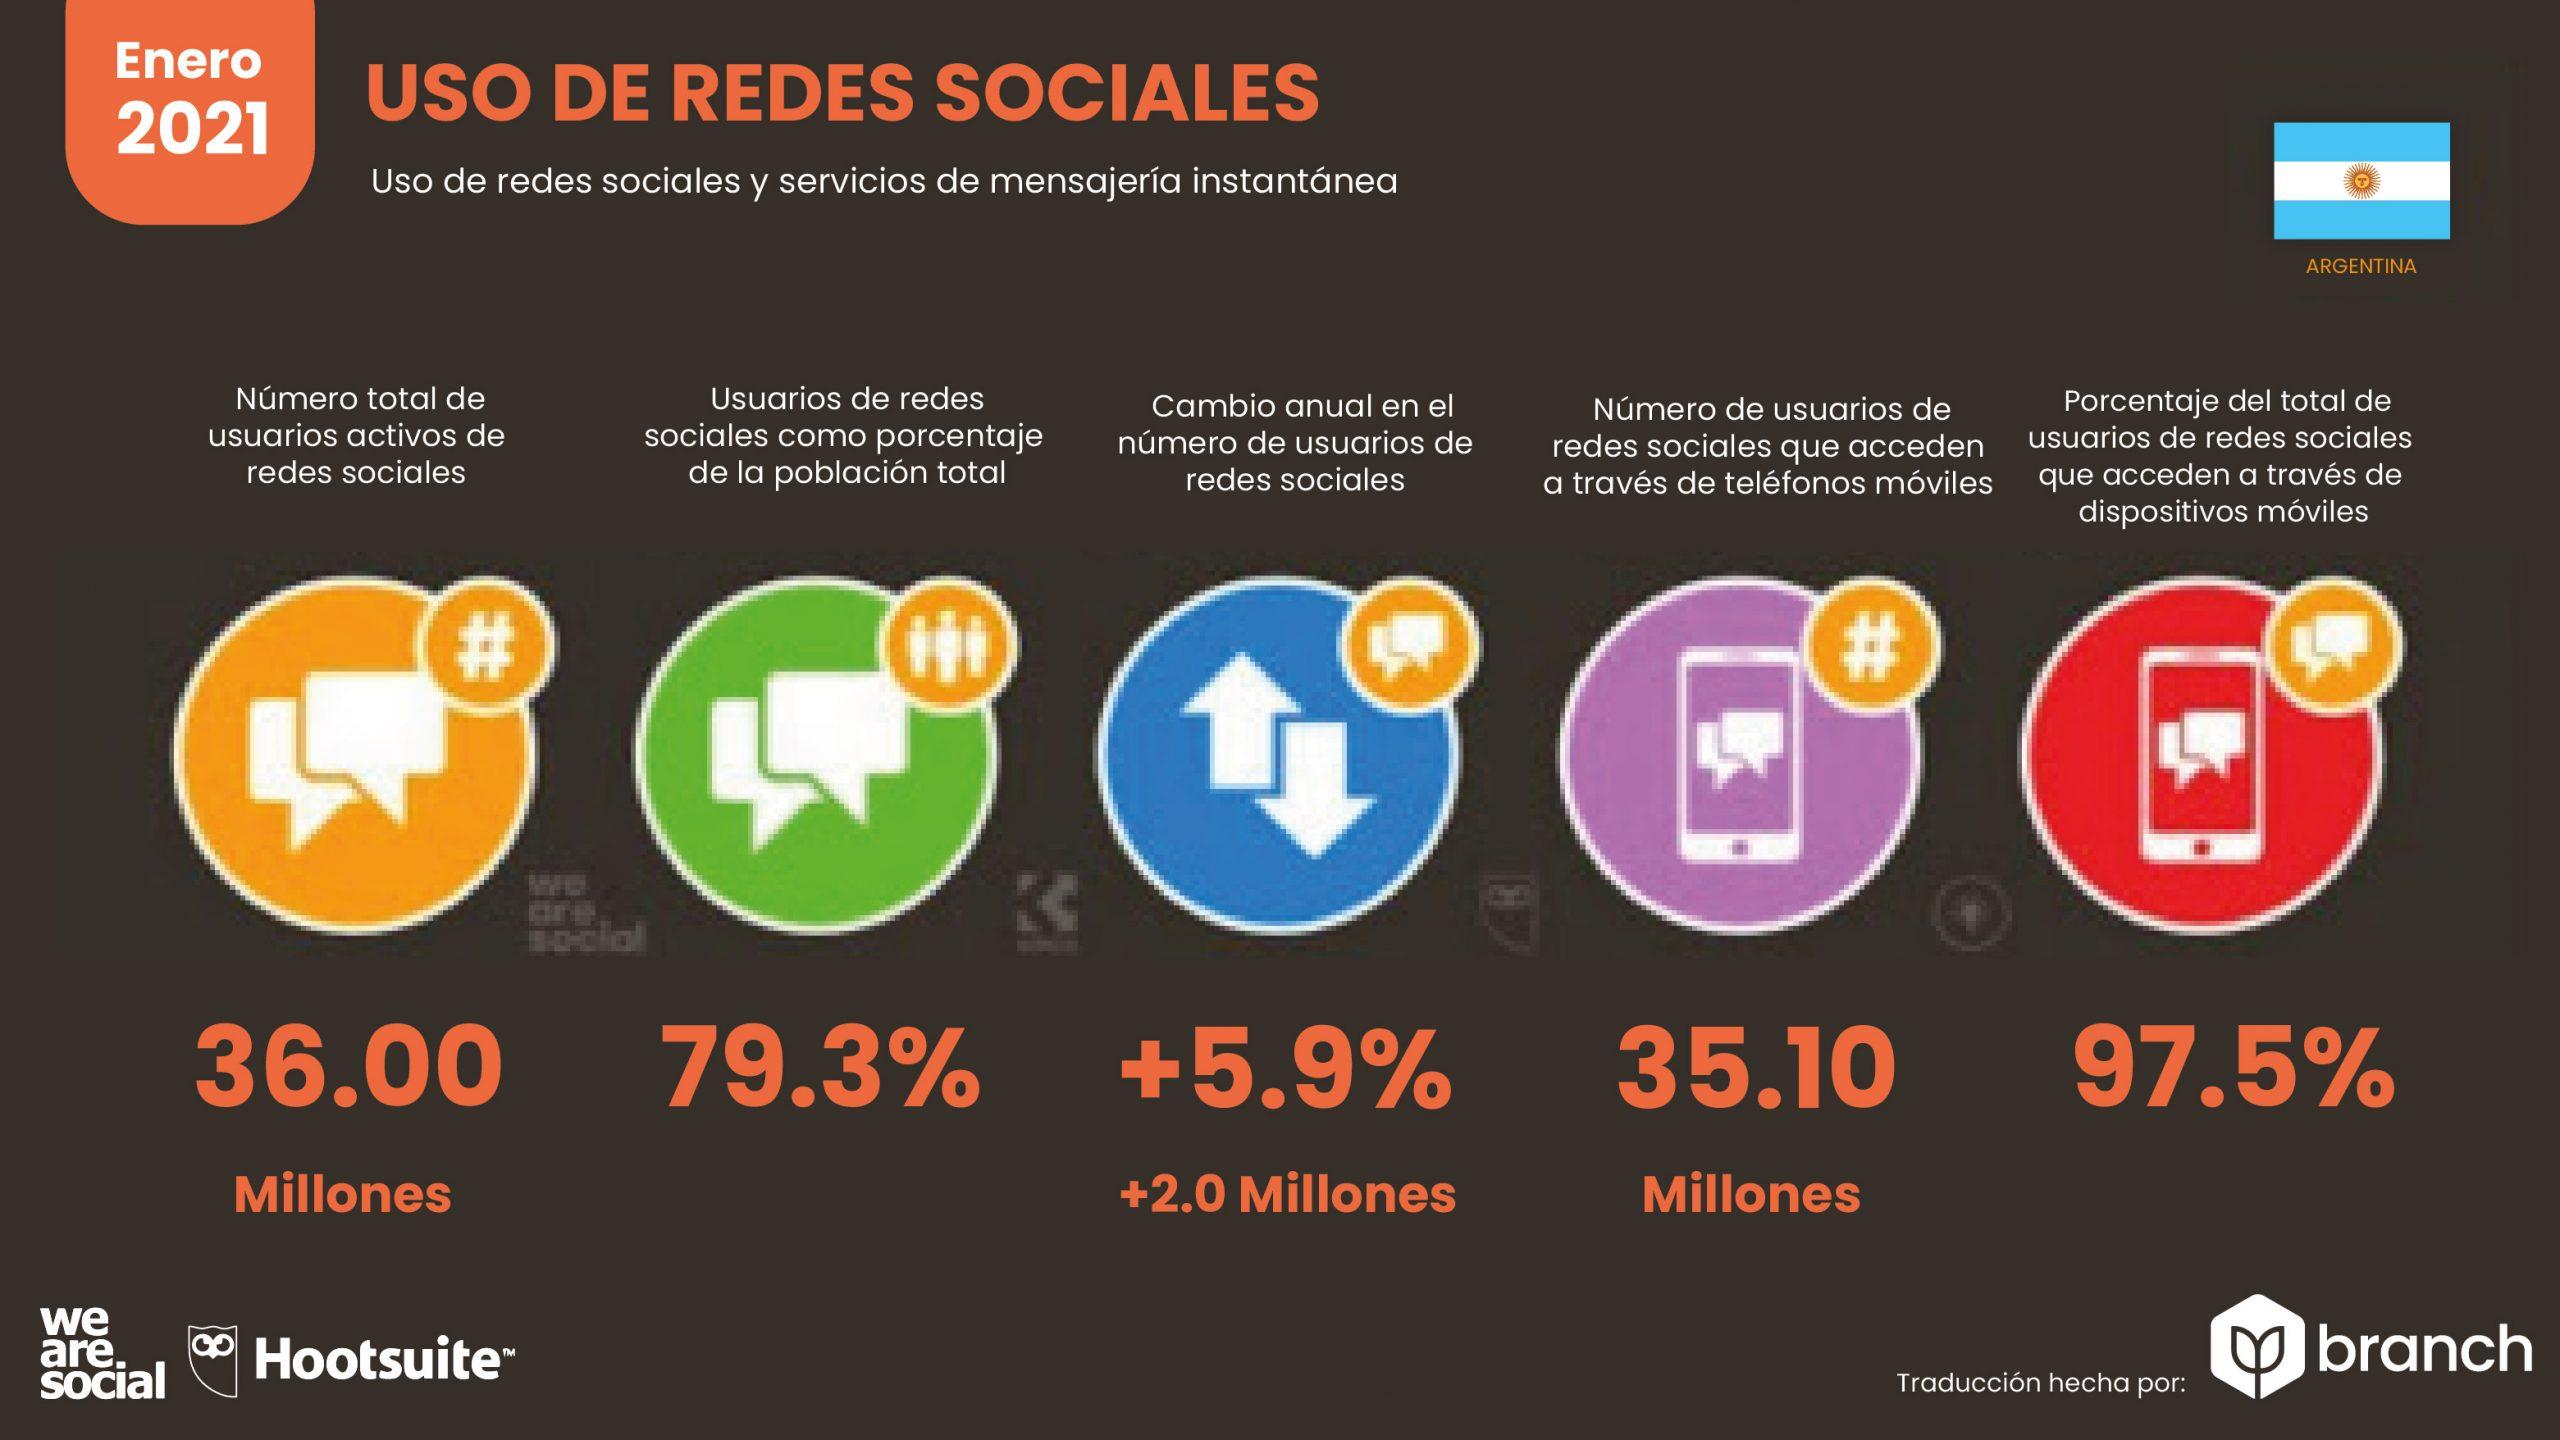 grafico-uso-de-redes-sociales-argentina-2020-2021